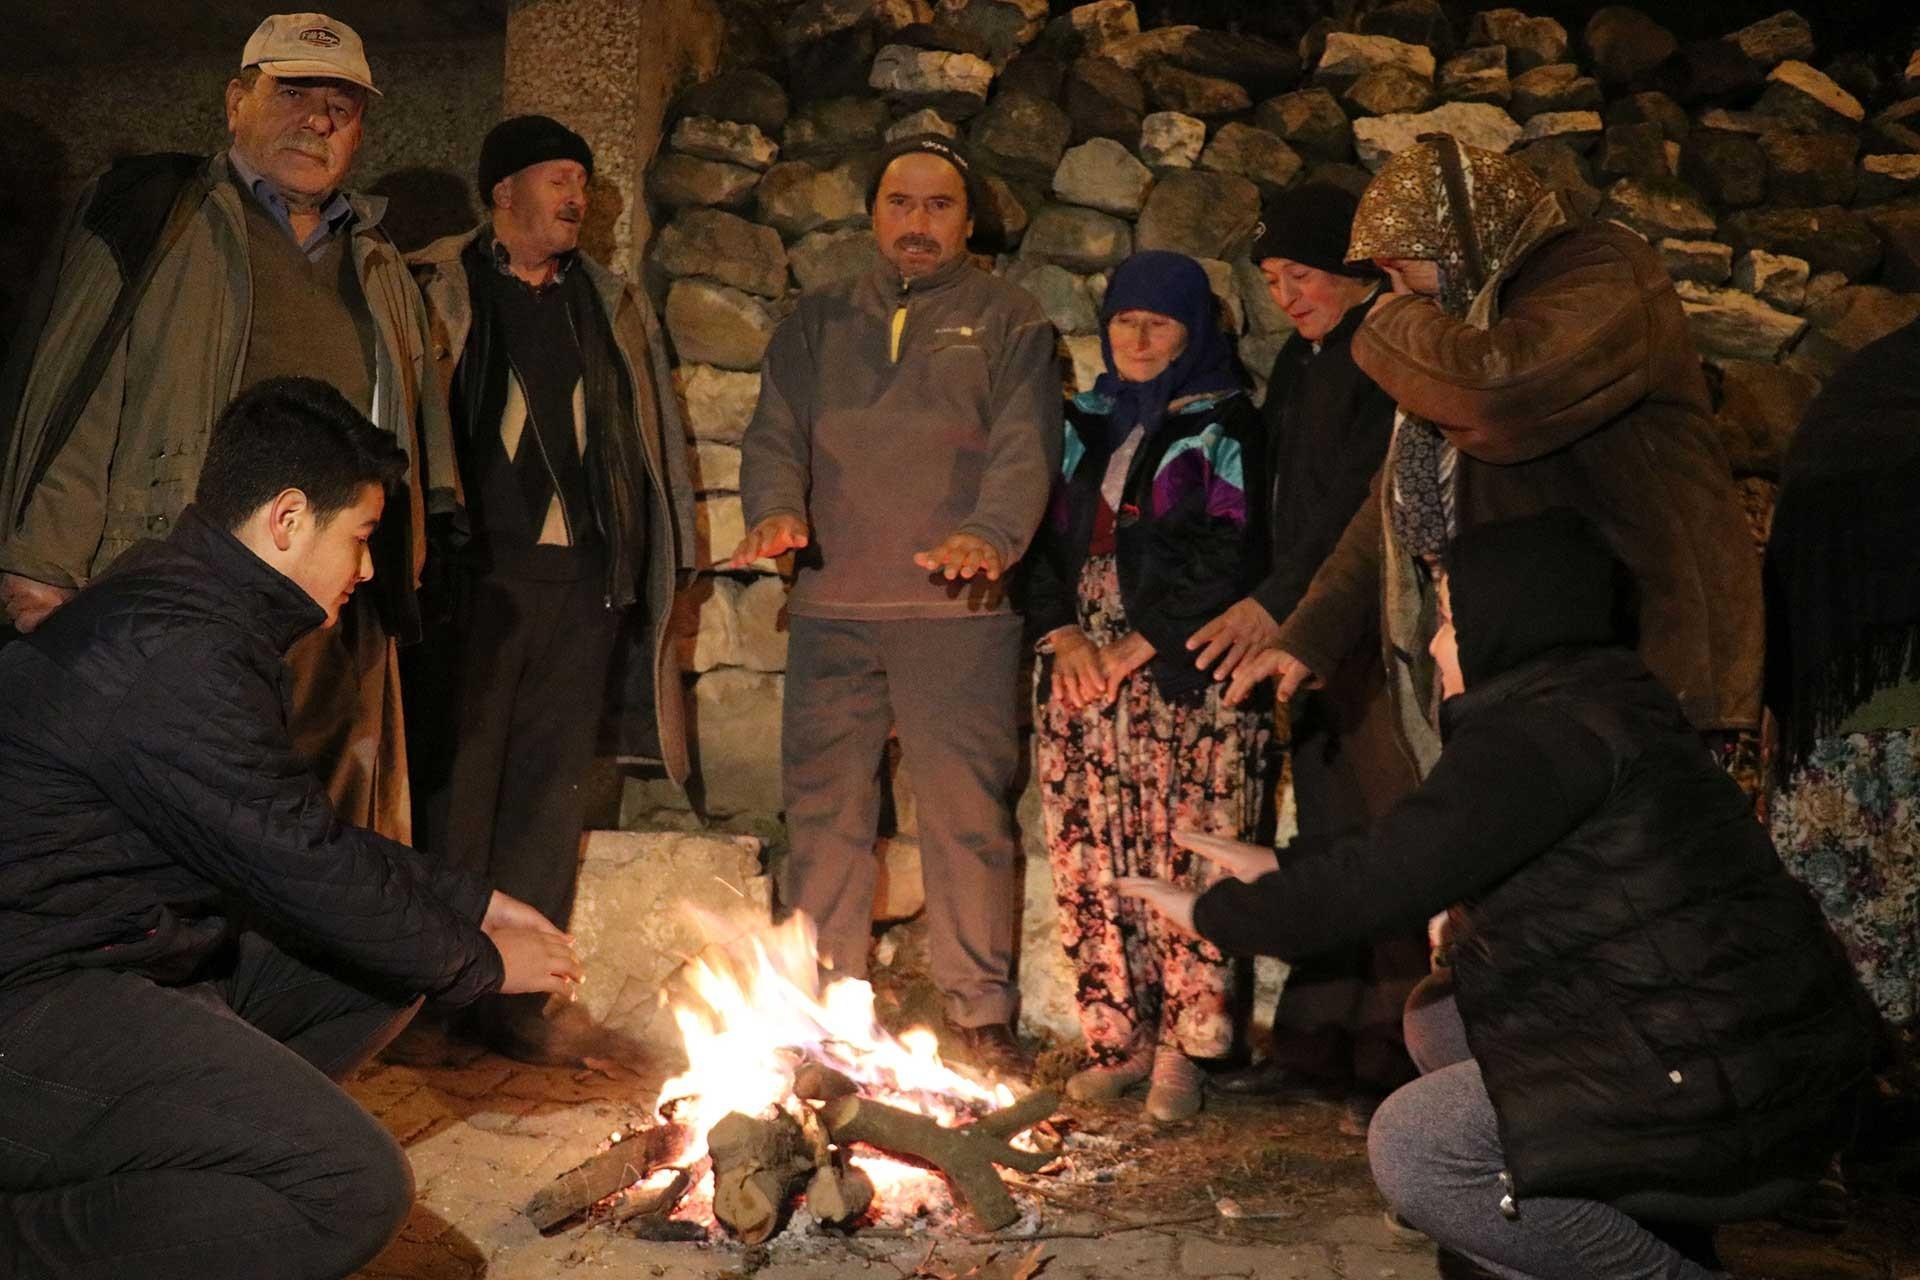 Balıkesir'de meydana gelen 4,6 büyüklüğündeki depremin en çok hissedildiği yerlerden kırsal Akçaköy Mahallesi sakinleri, geceyi dışarıda ateş yakıp ısınarak geçiriyor.